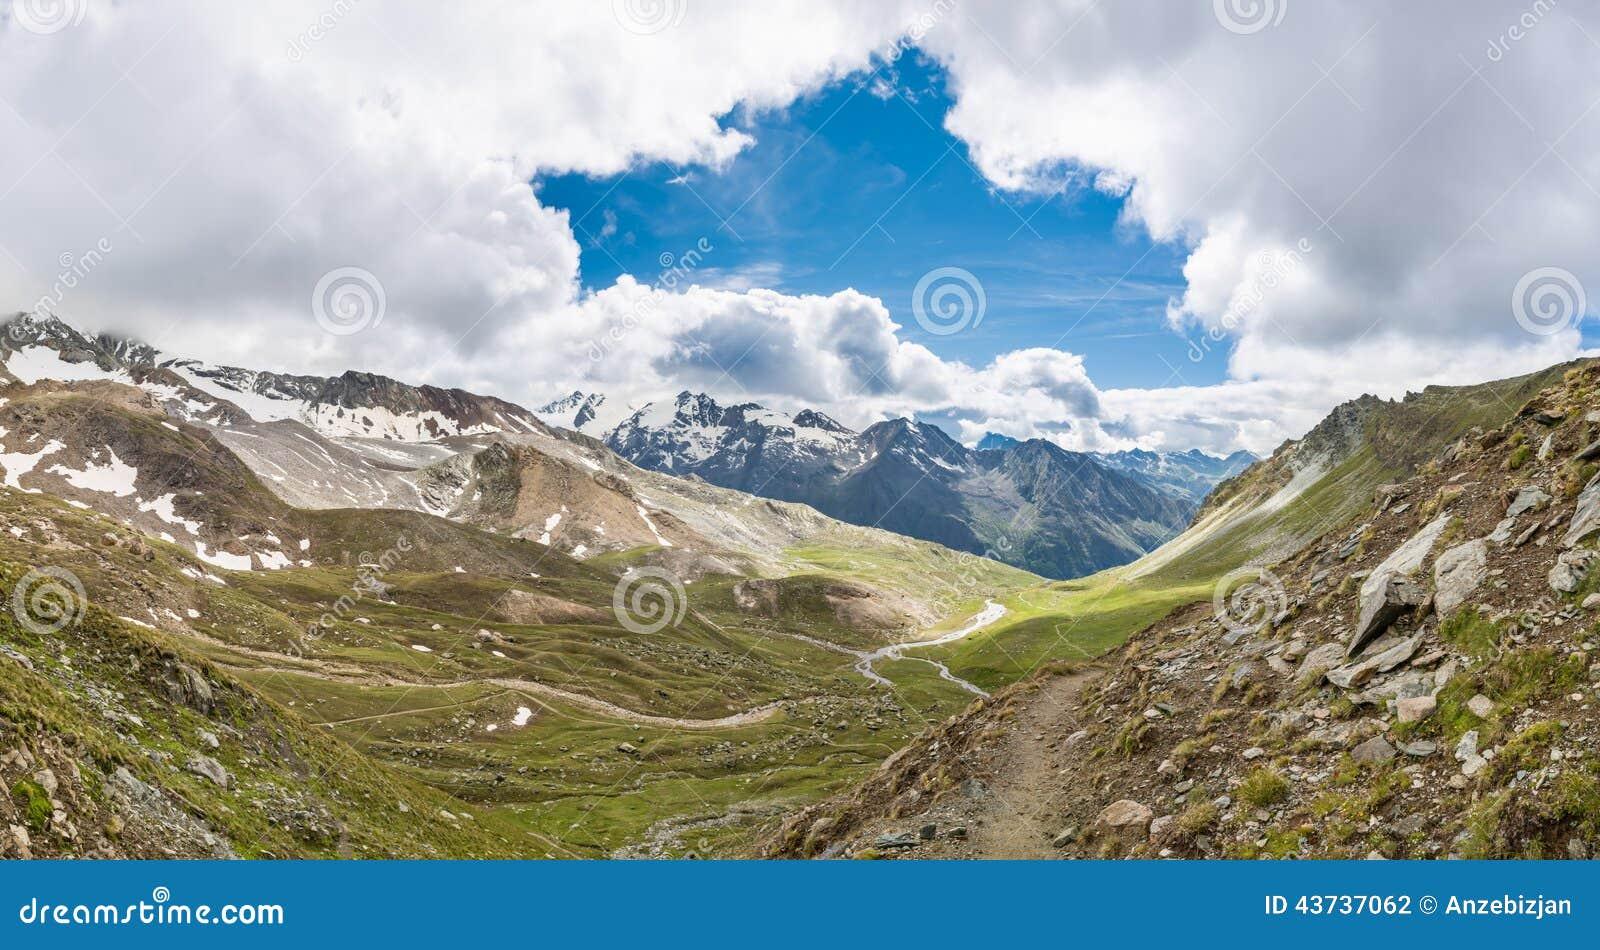 Ειδυλλιακή κοιλάδα βουνών με το άνοιγμα στον ουρανό